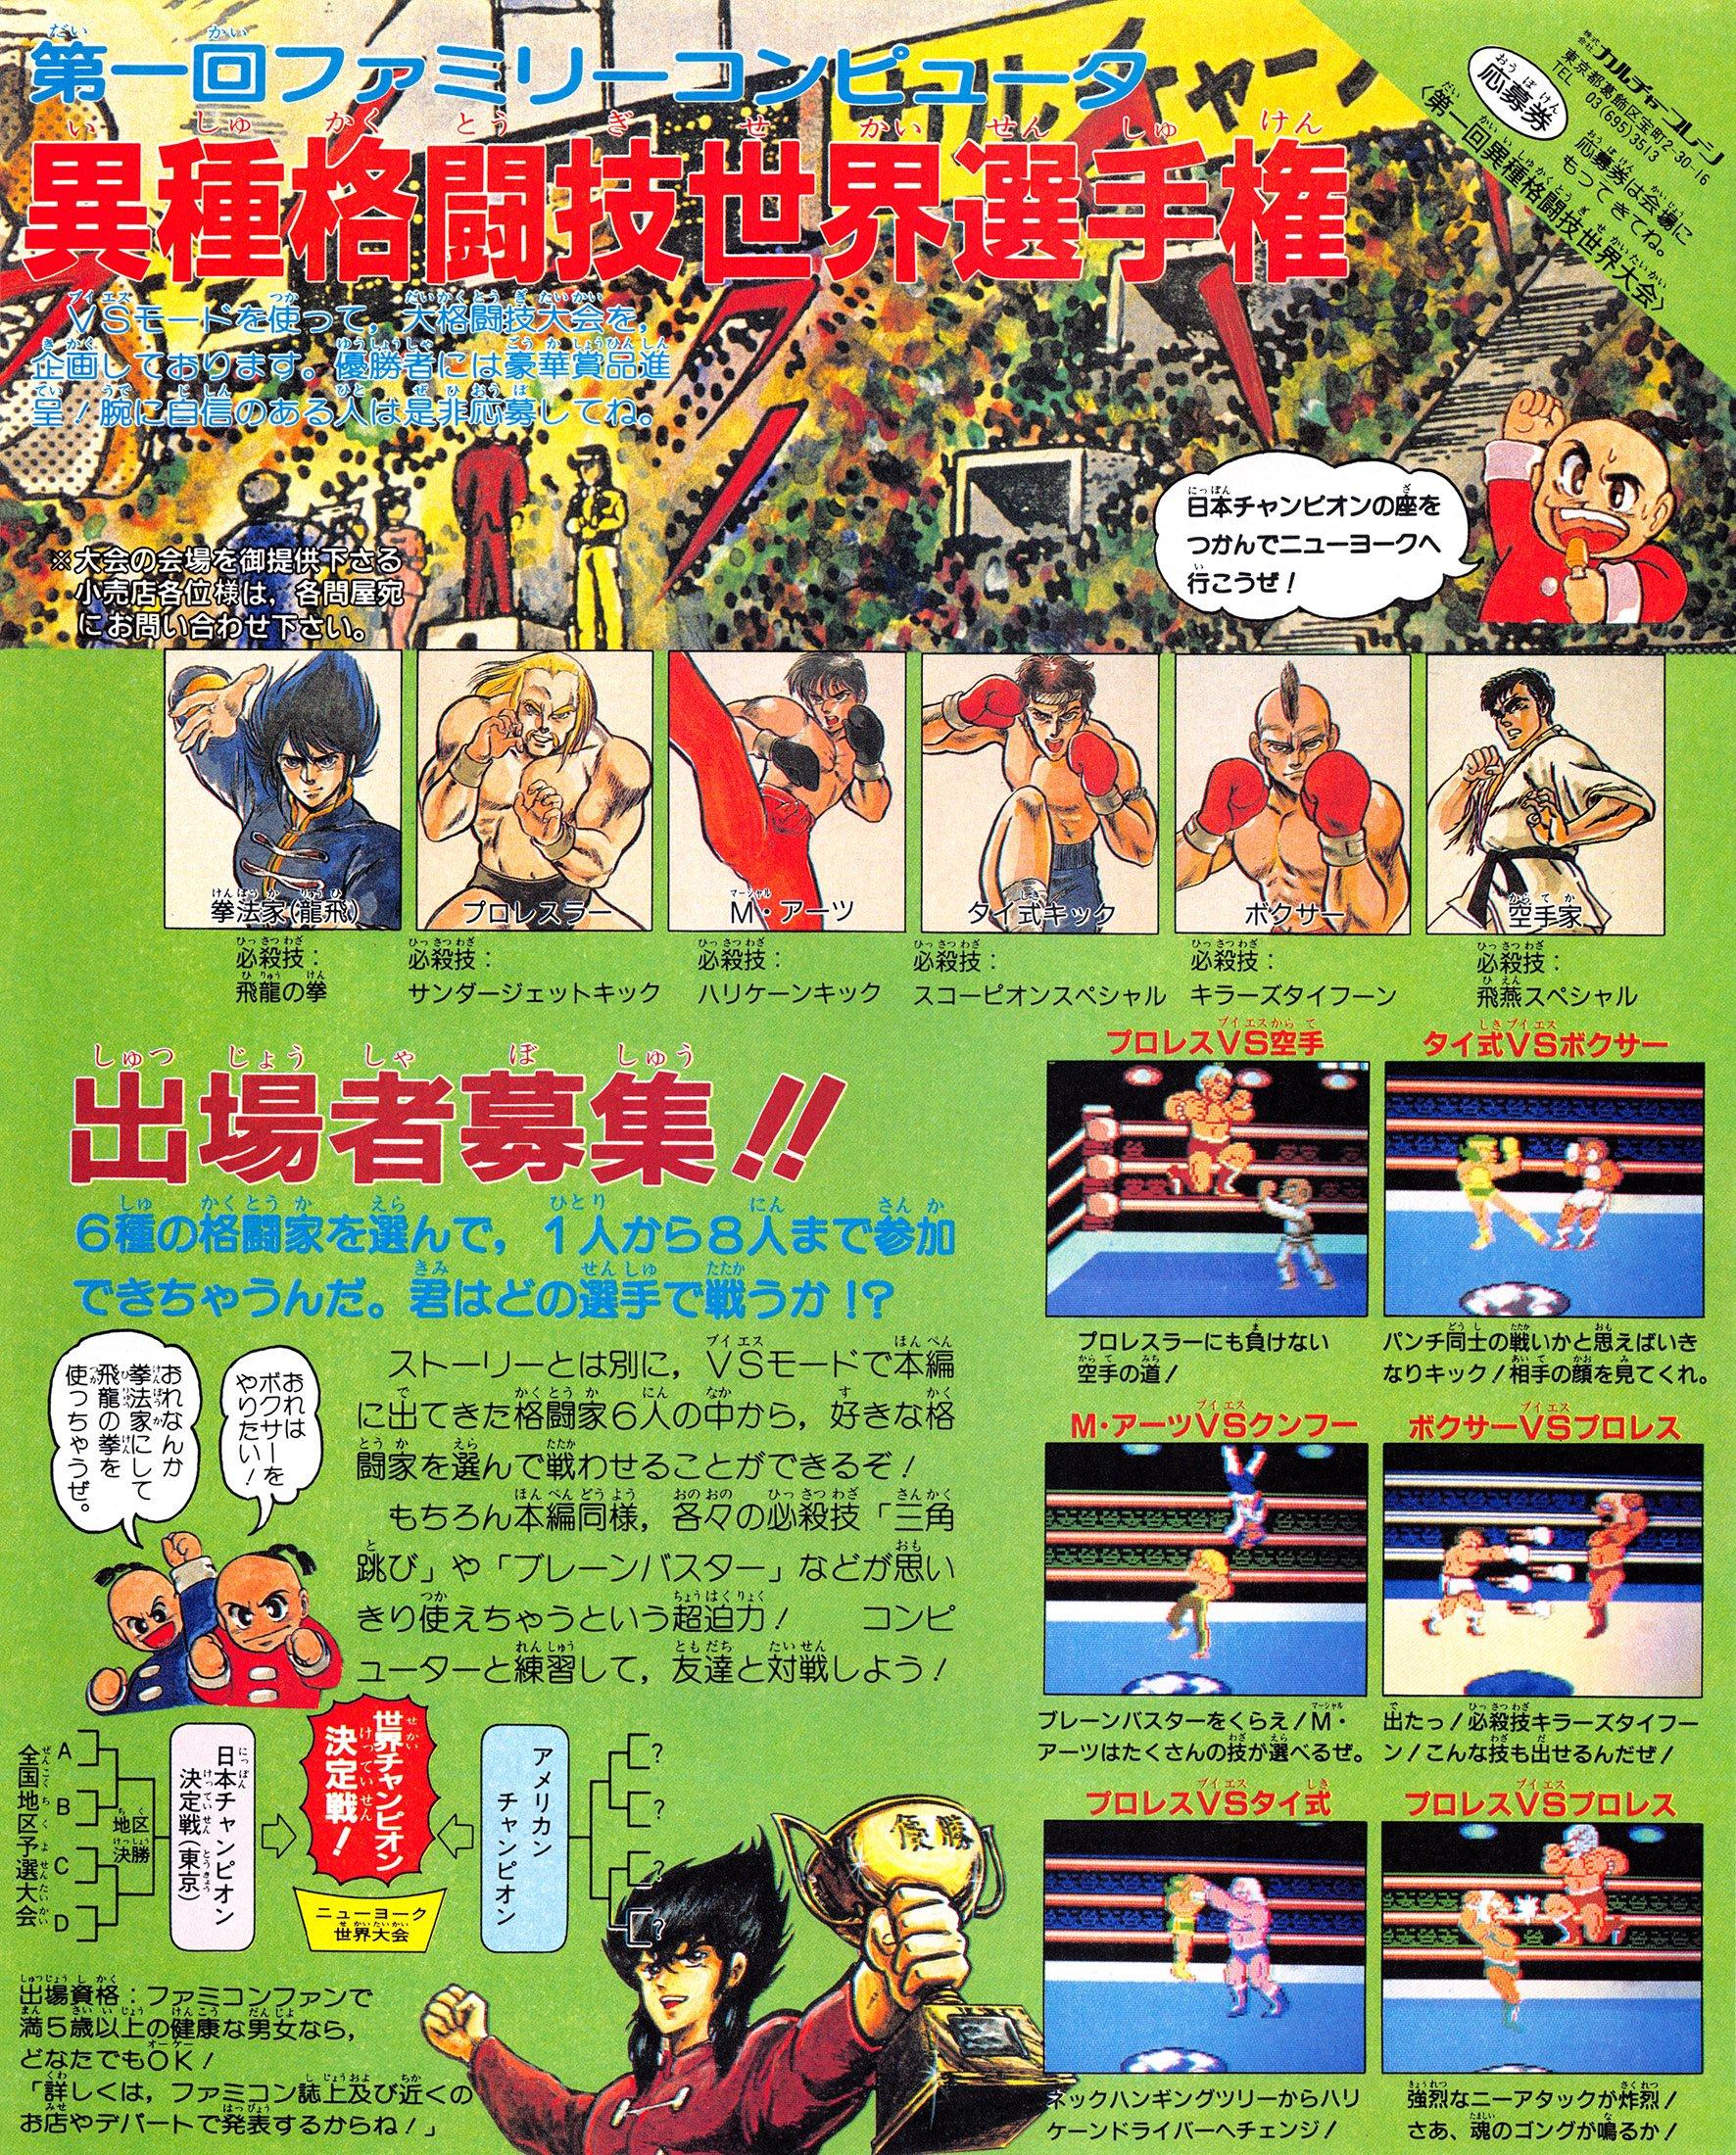 Hiryuu no Ken II: Dragon no Tsubasa (Japan) (pg 3 of 3)